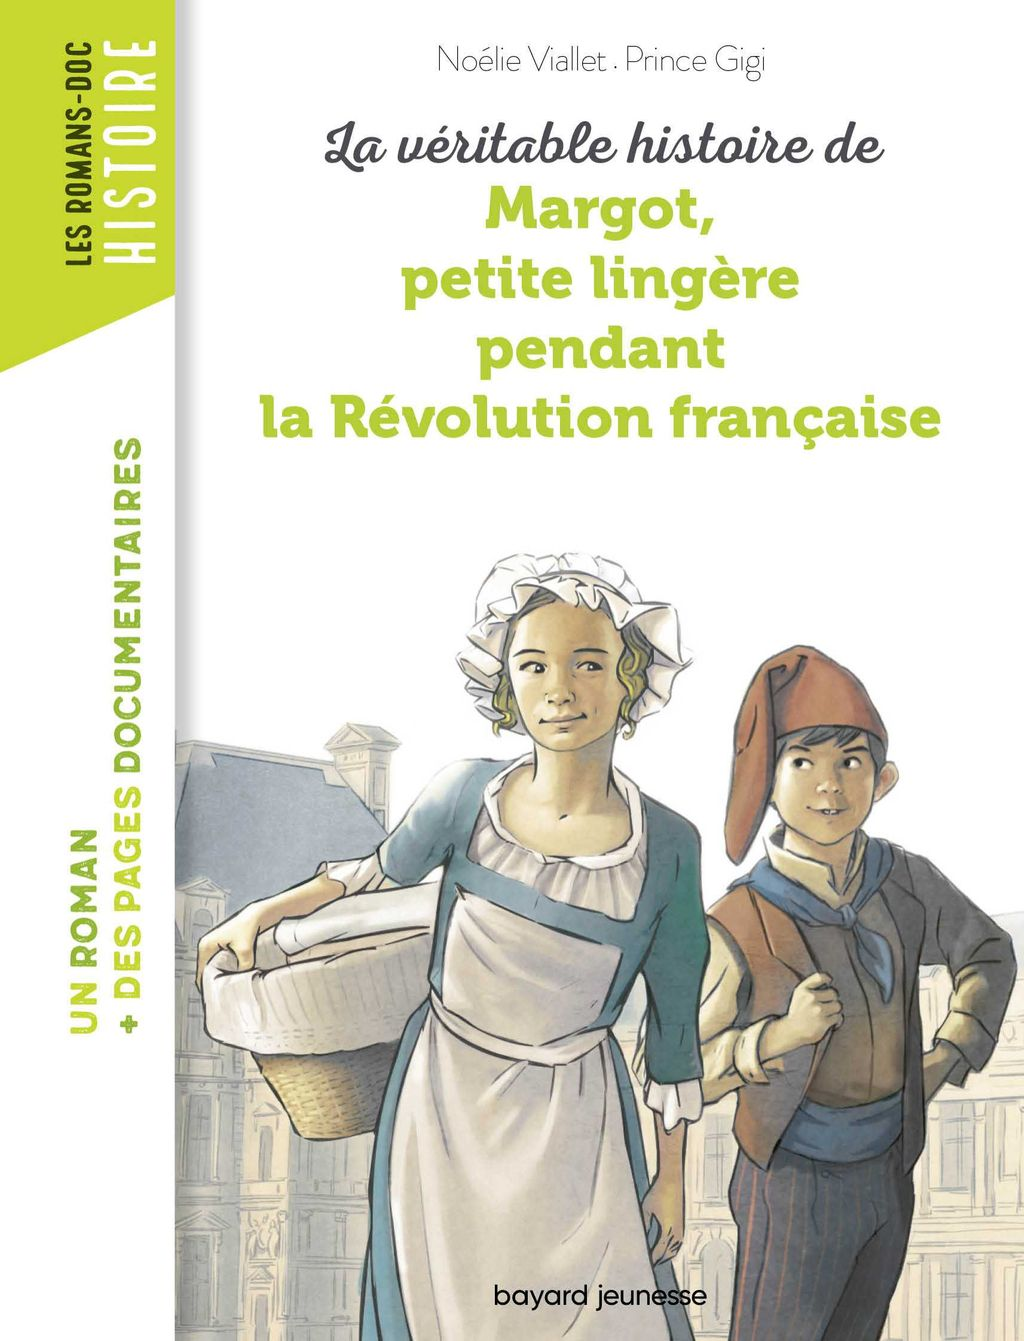 «La véritable histoire de Margot, petite lingère pendant la Révolution française» cover